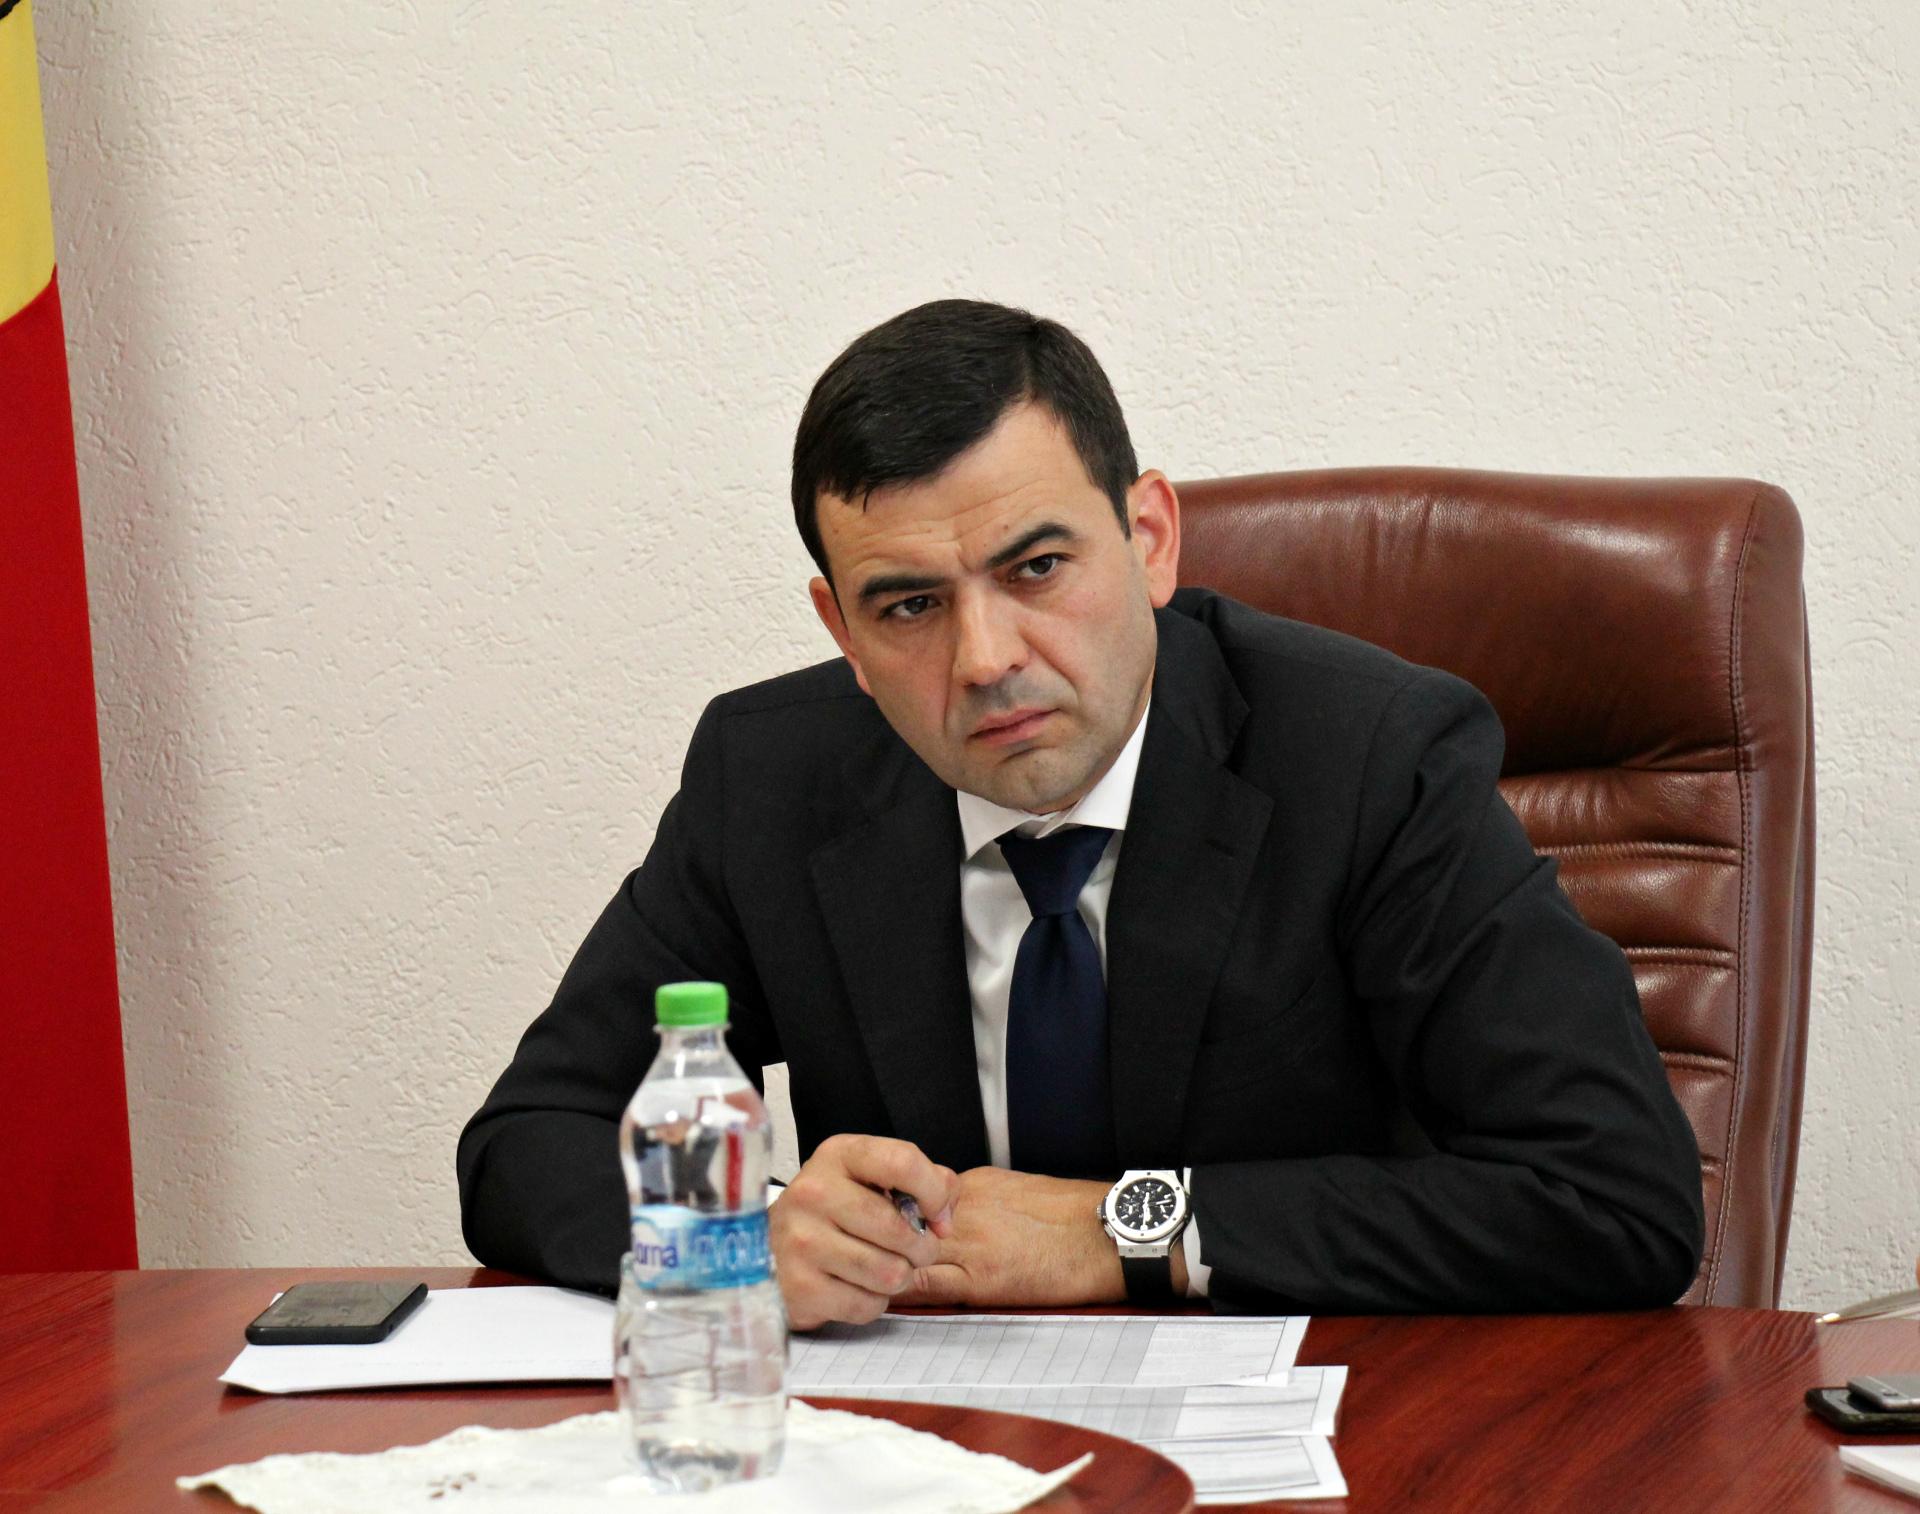 Gaburici către administrația CFM: Dacă nu se vor întreprinde acțiunile stabilite, vom lua măsurile de rigoare